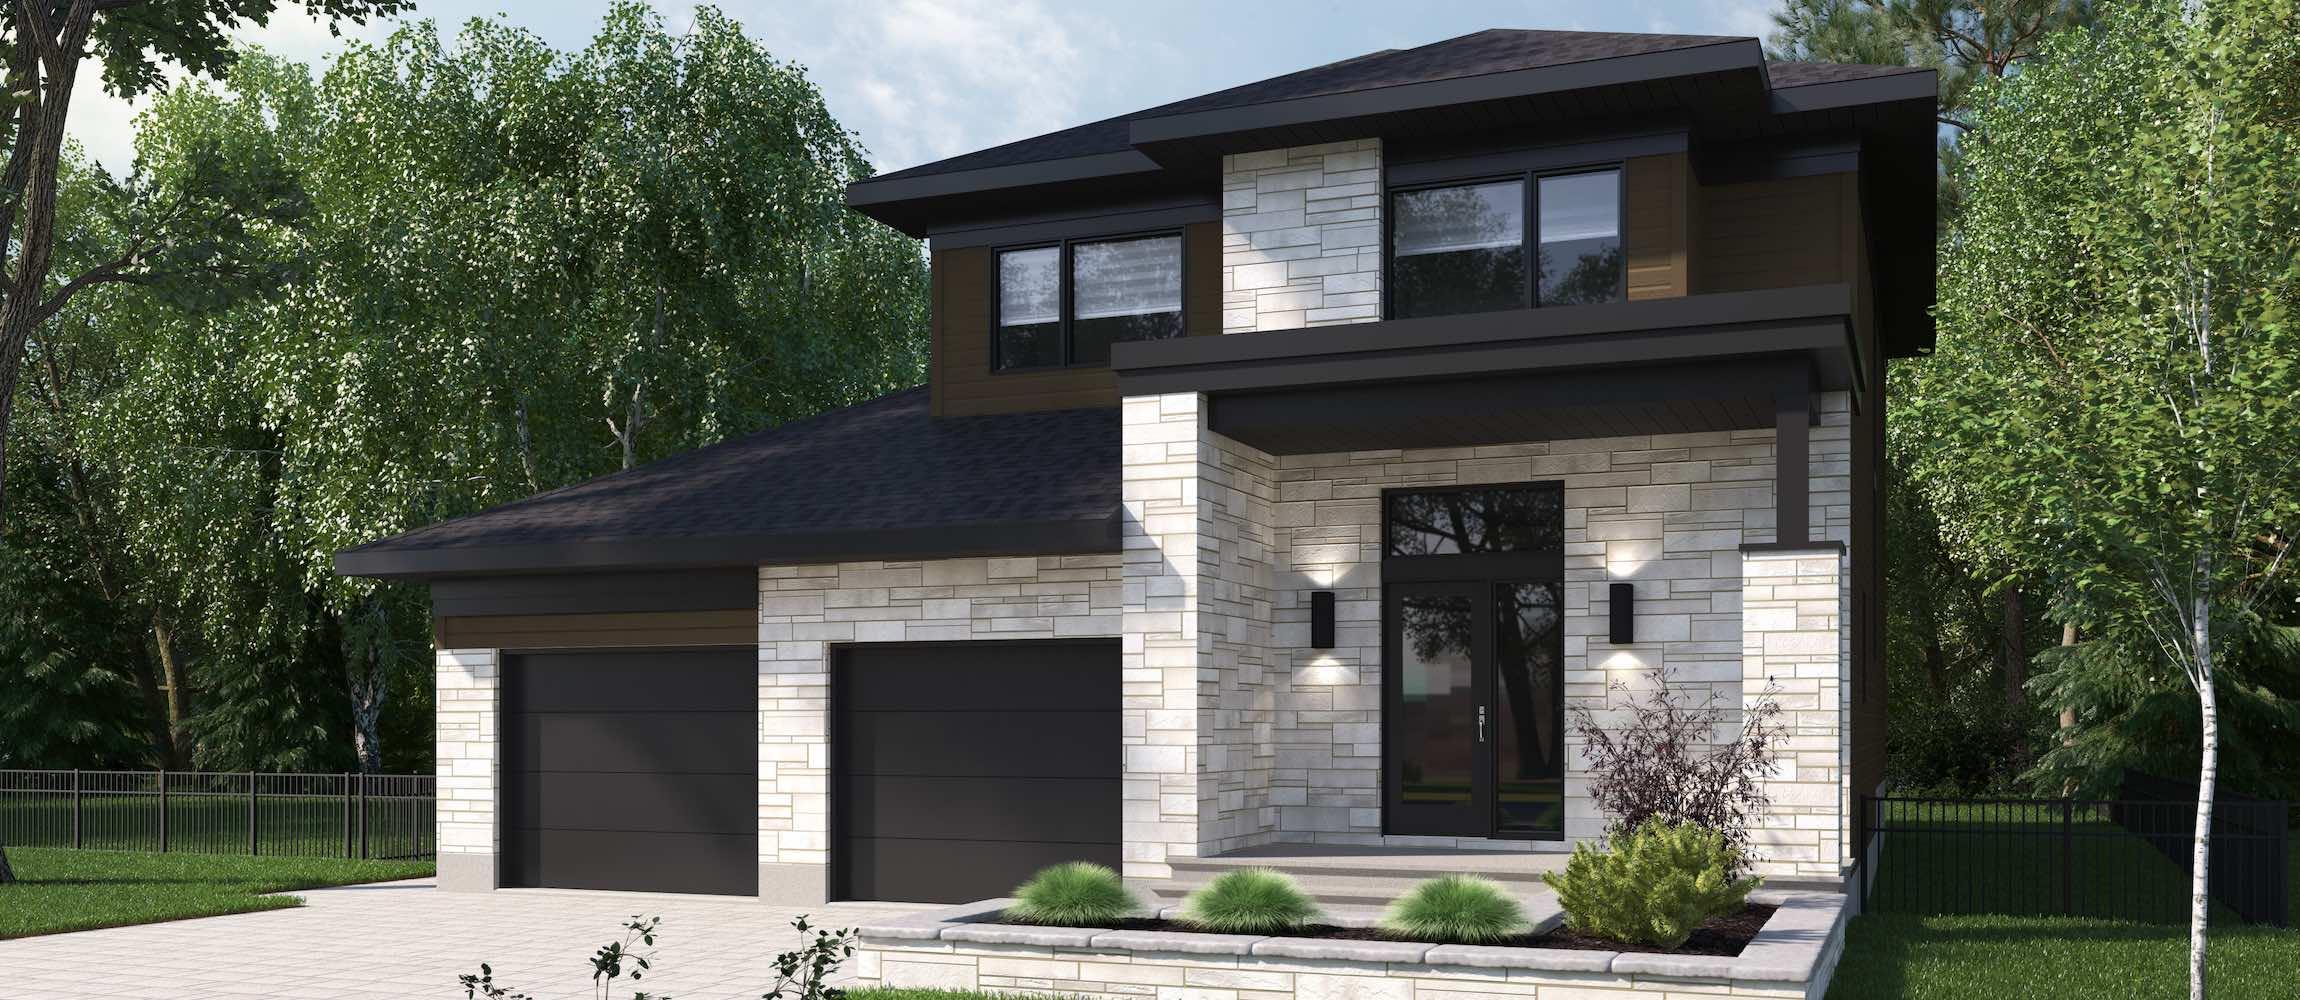 Construction maison neuve l assomption for Aide construction maison neuve